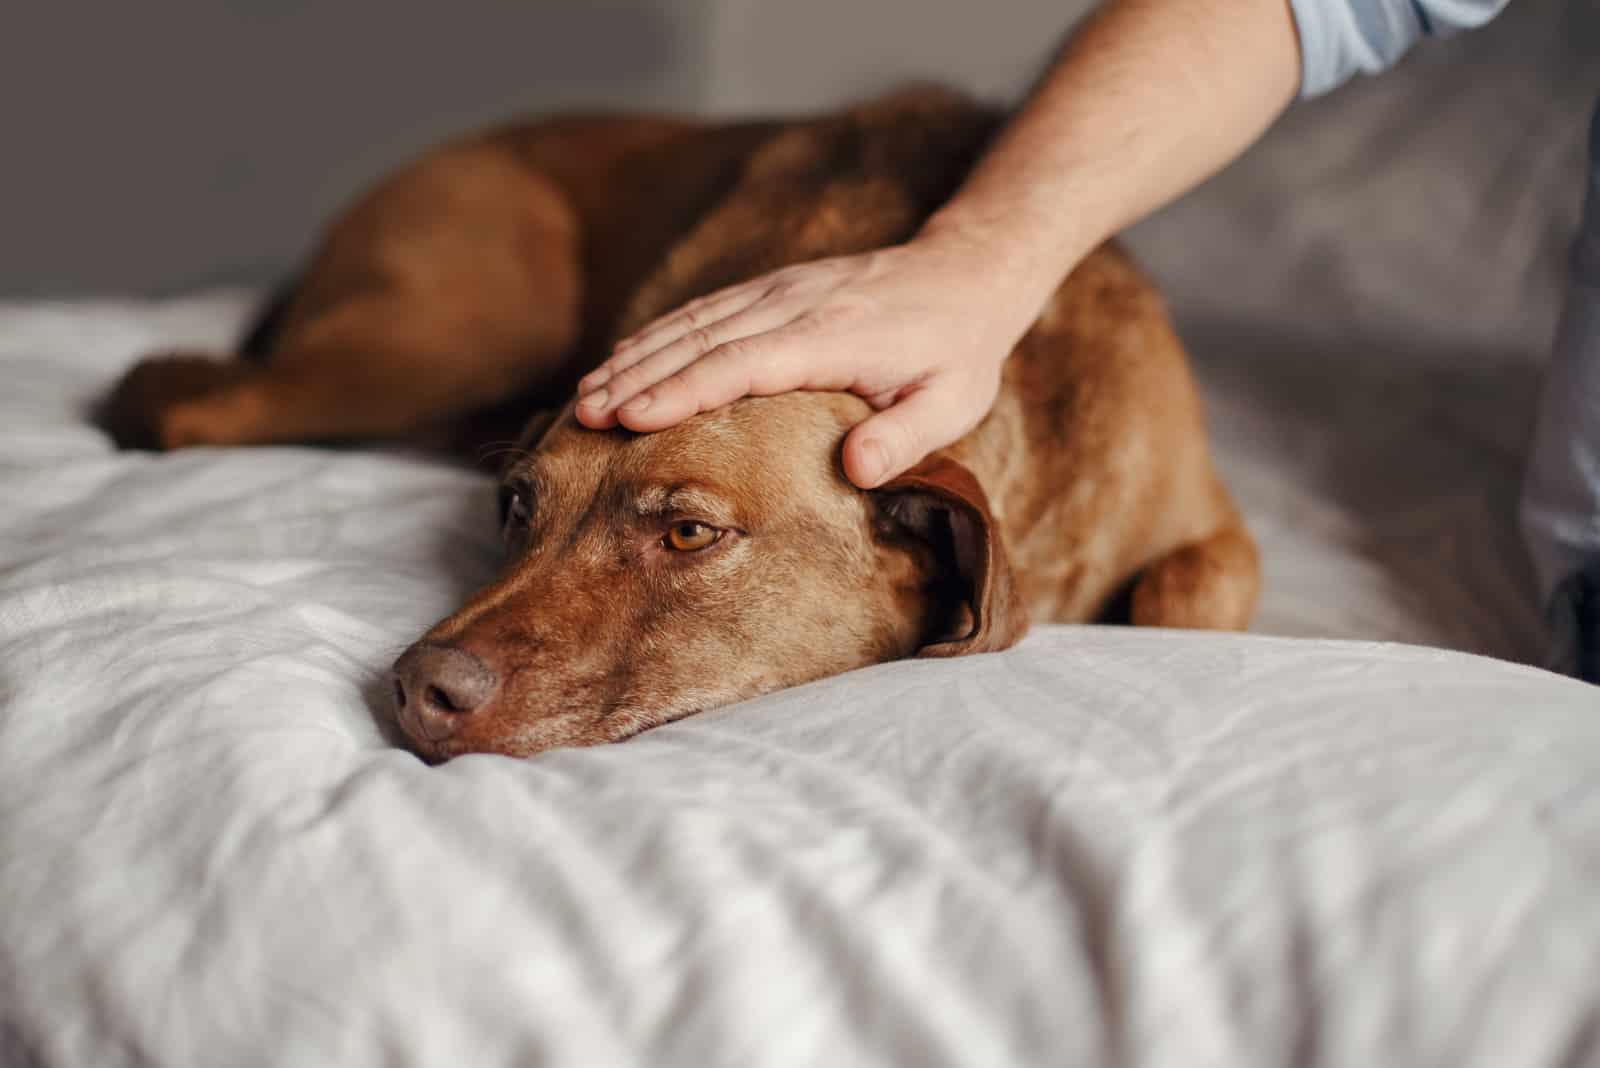 Auf dem Bett streichelt der Besitzer seinen kranken Hund